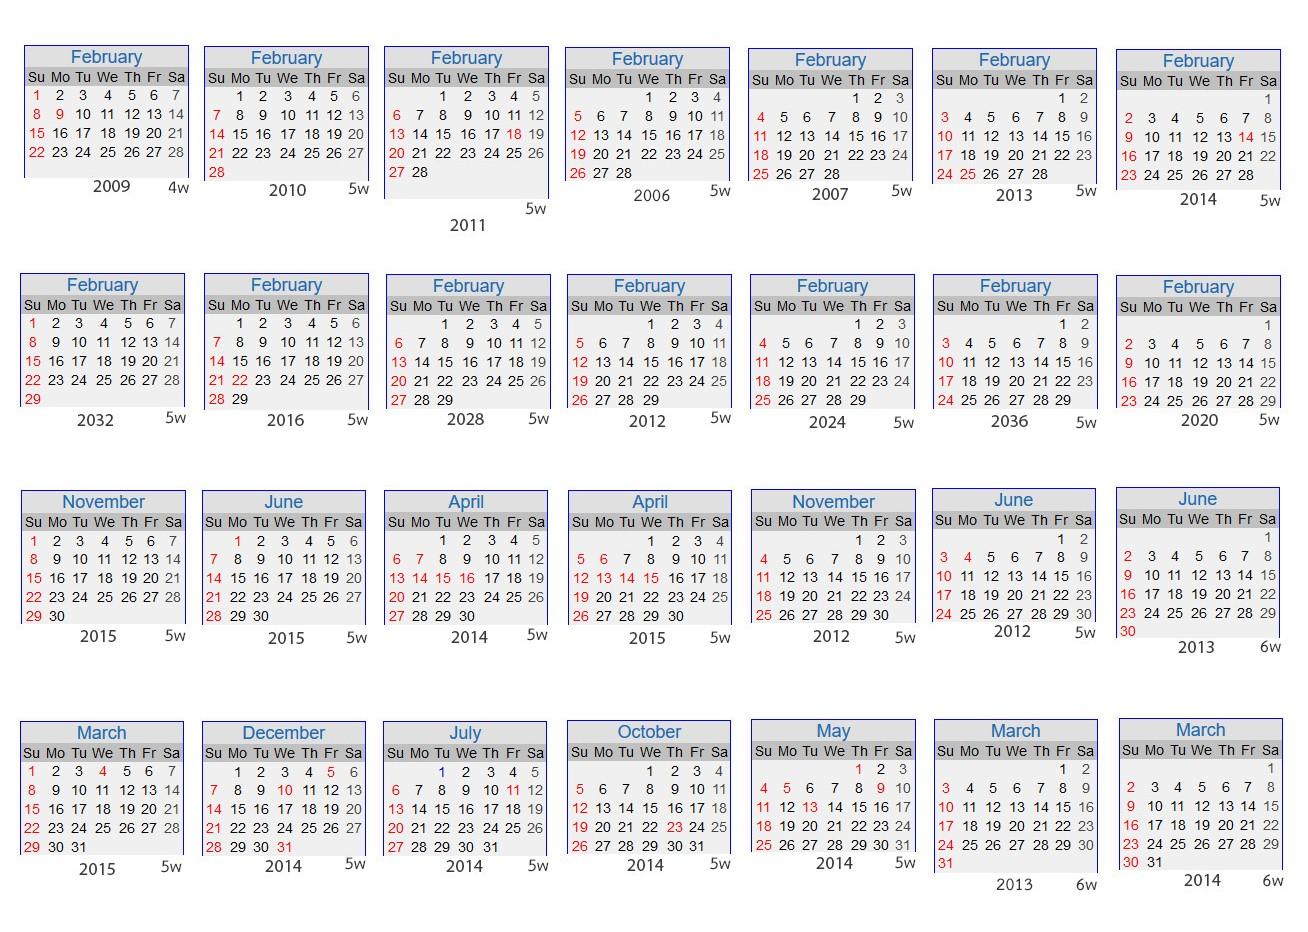 number of weeks in calendar